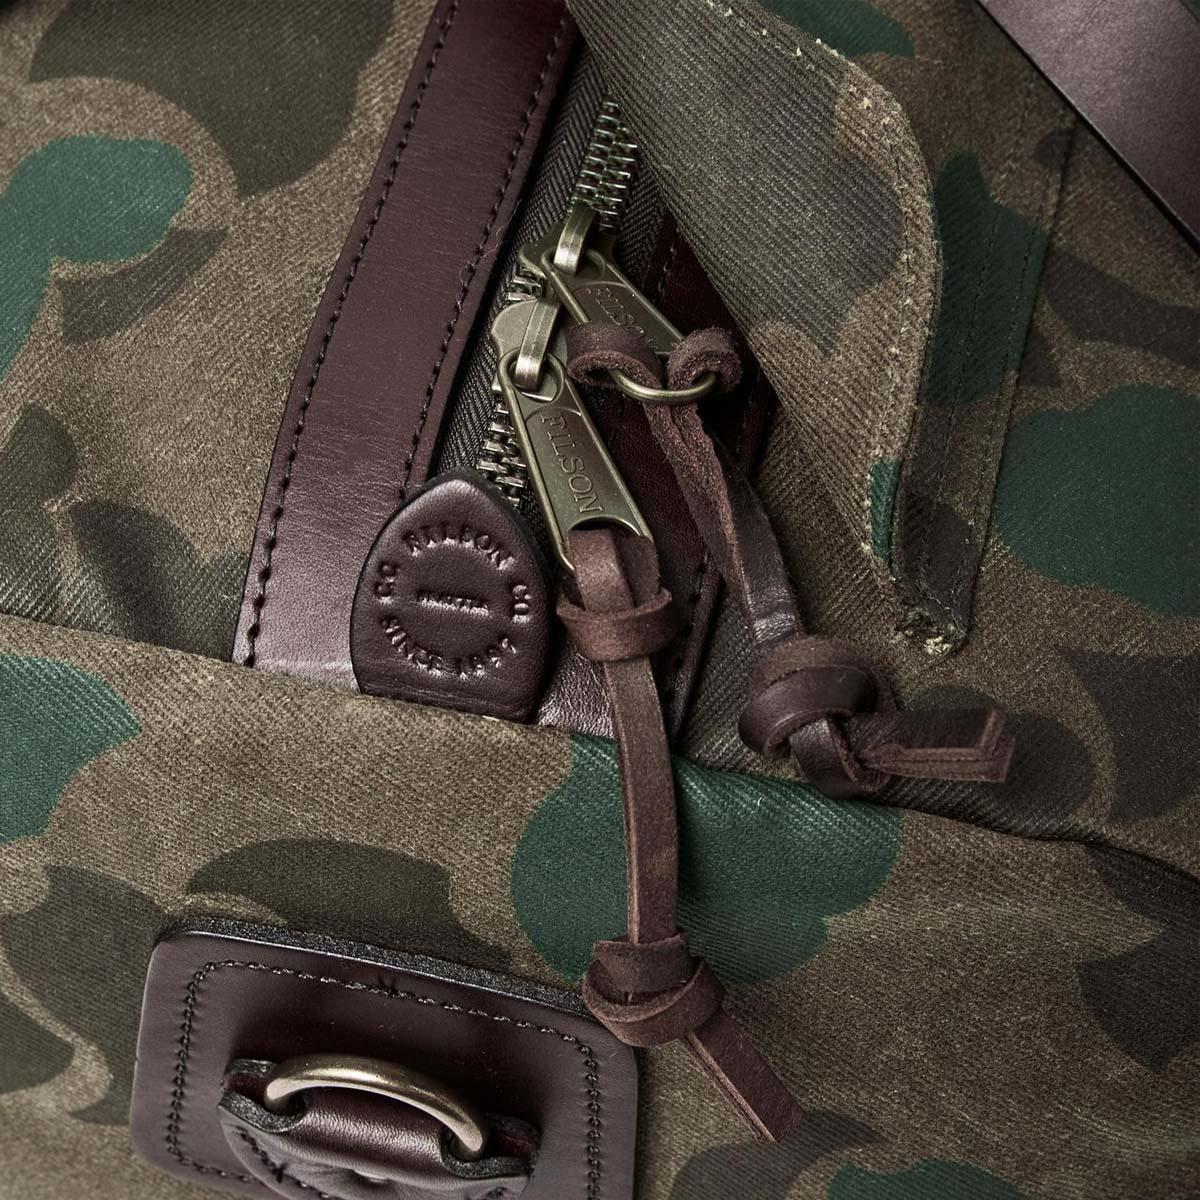 Filson Duffle Medium Dark Wax Shrub Camo, stoere duffel die voldoet aan de maximale handbagage afmetingen